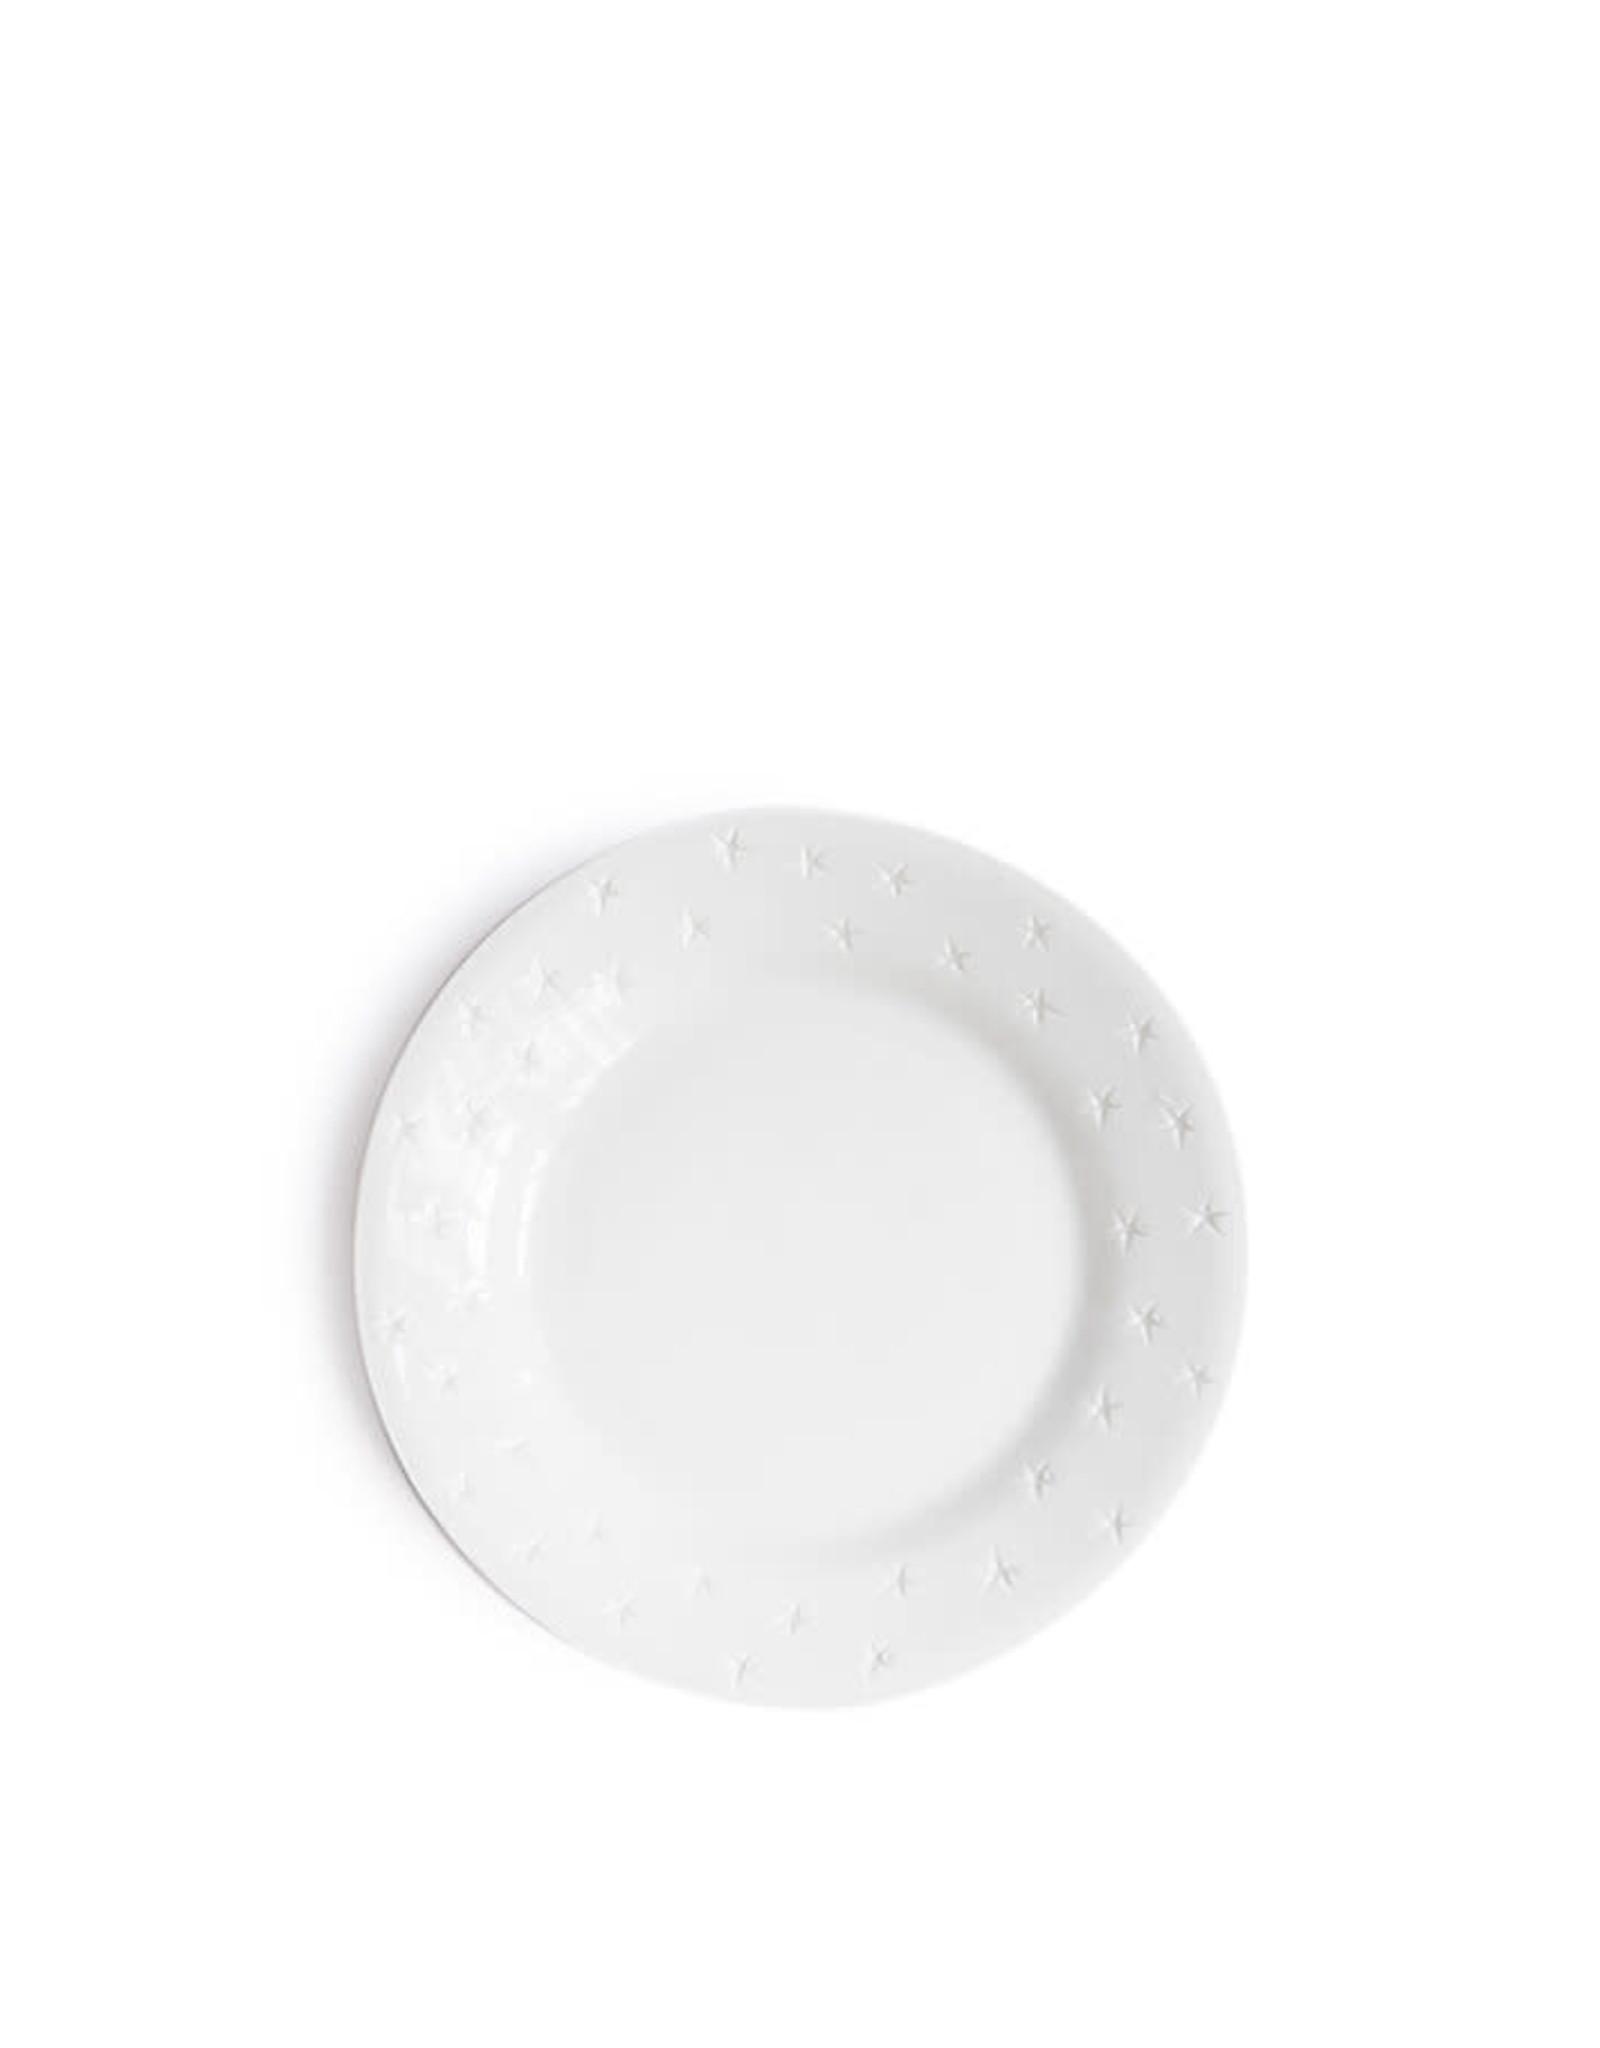 Alix D. Reynis Assiette à pain Nuit Etoilée